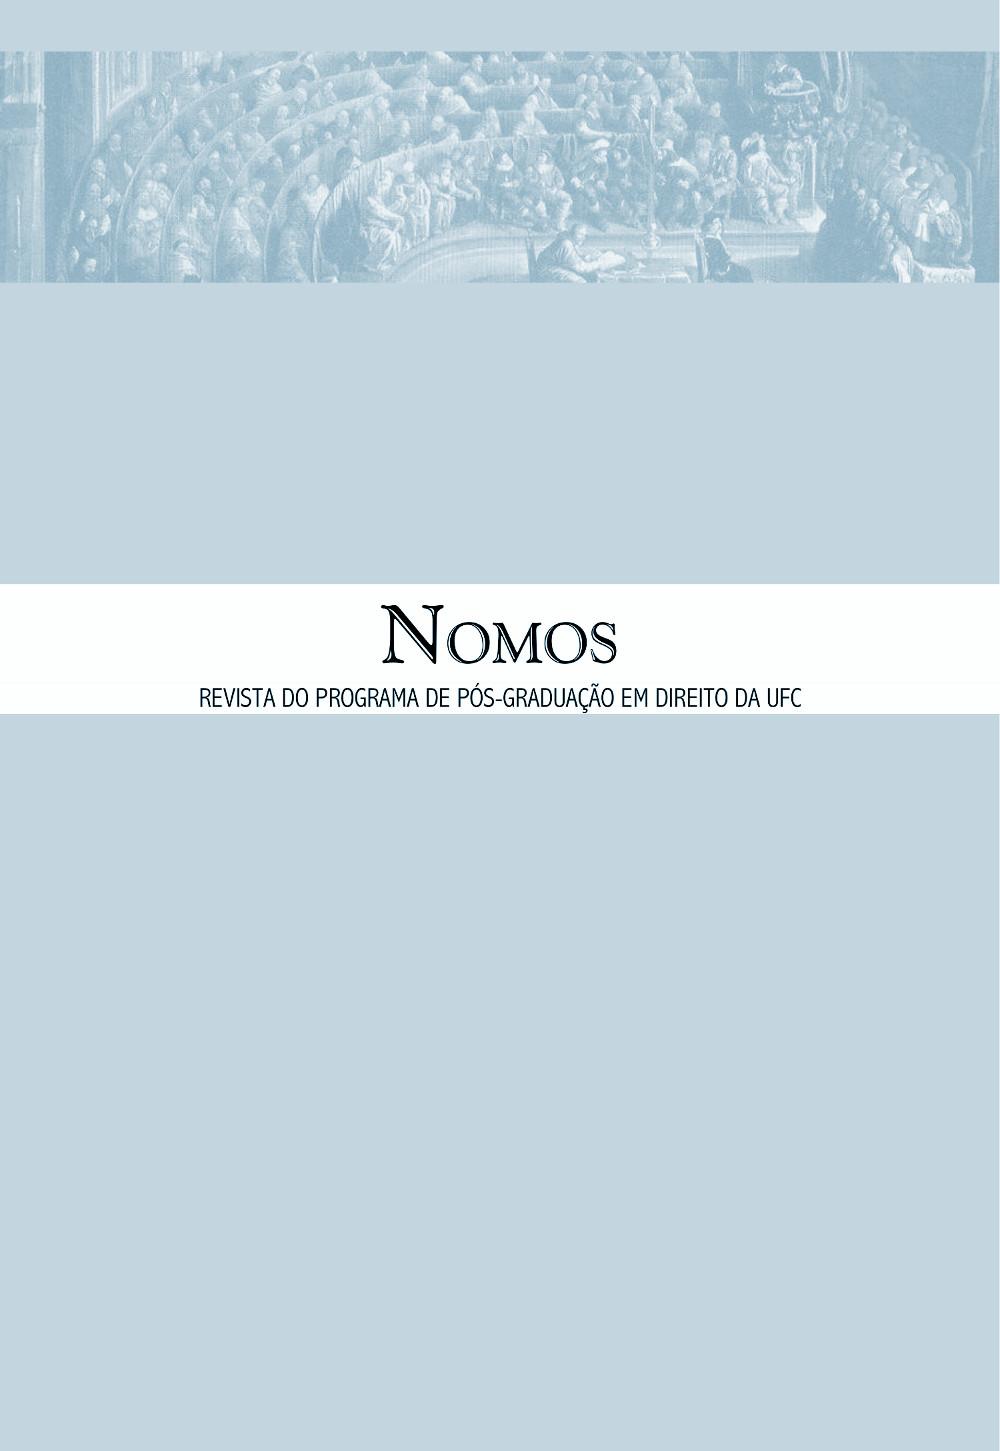 Nomos, volume 33, número 2, julho a dezembro de 2013